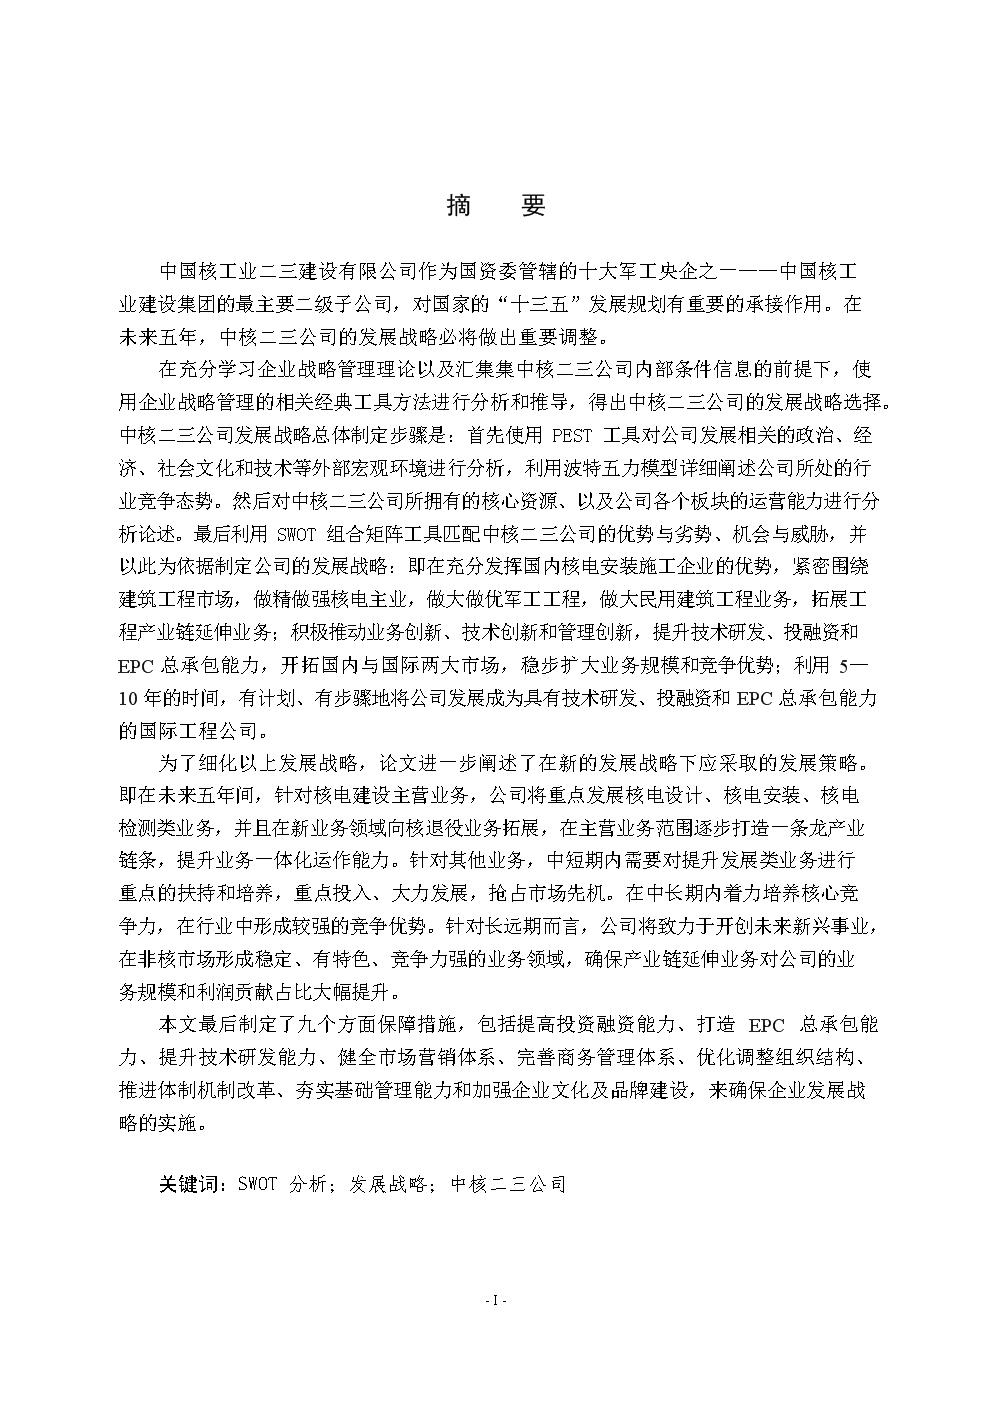 中国核工业二三公司发展战略研究.docx